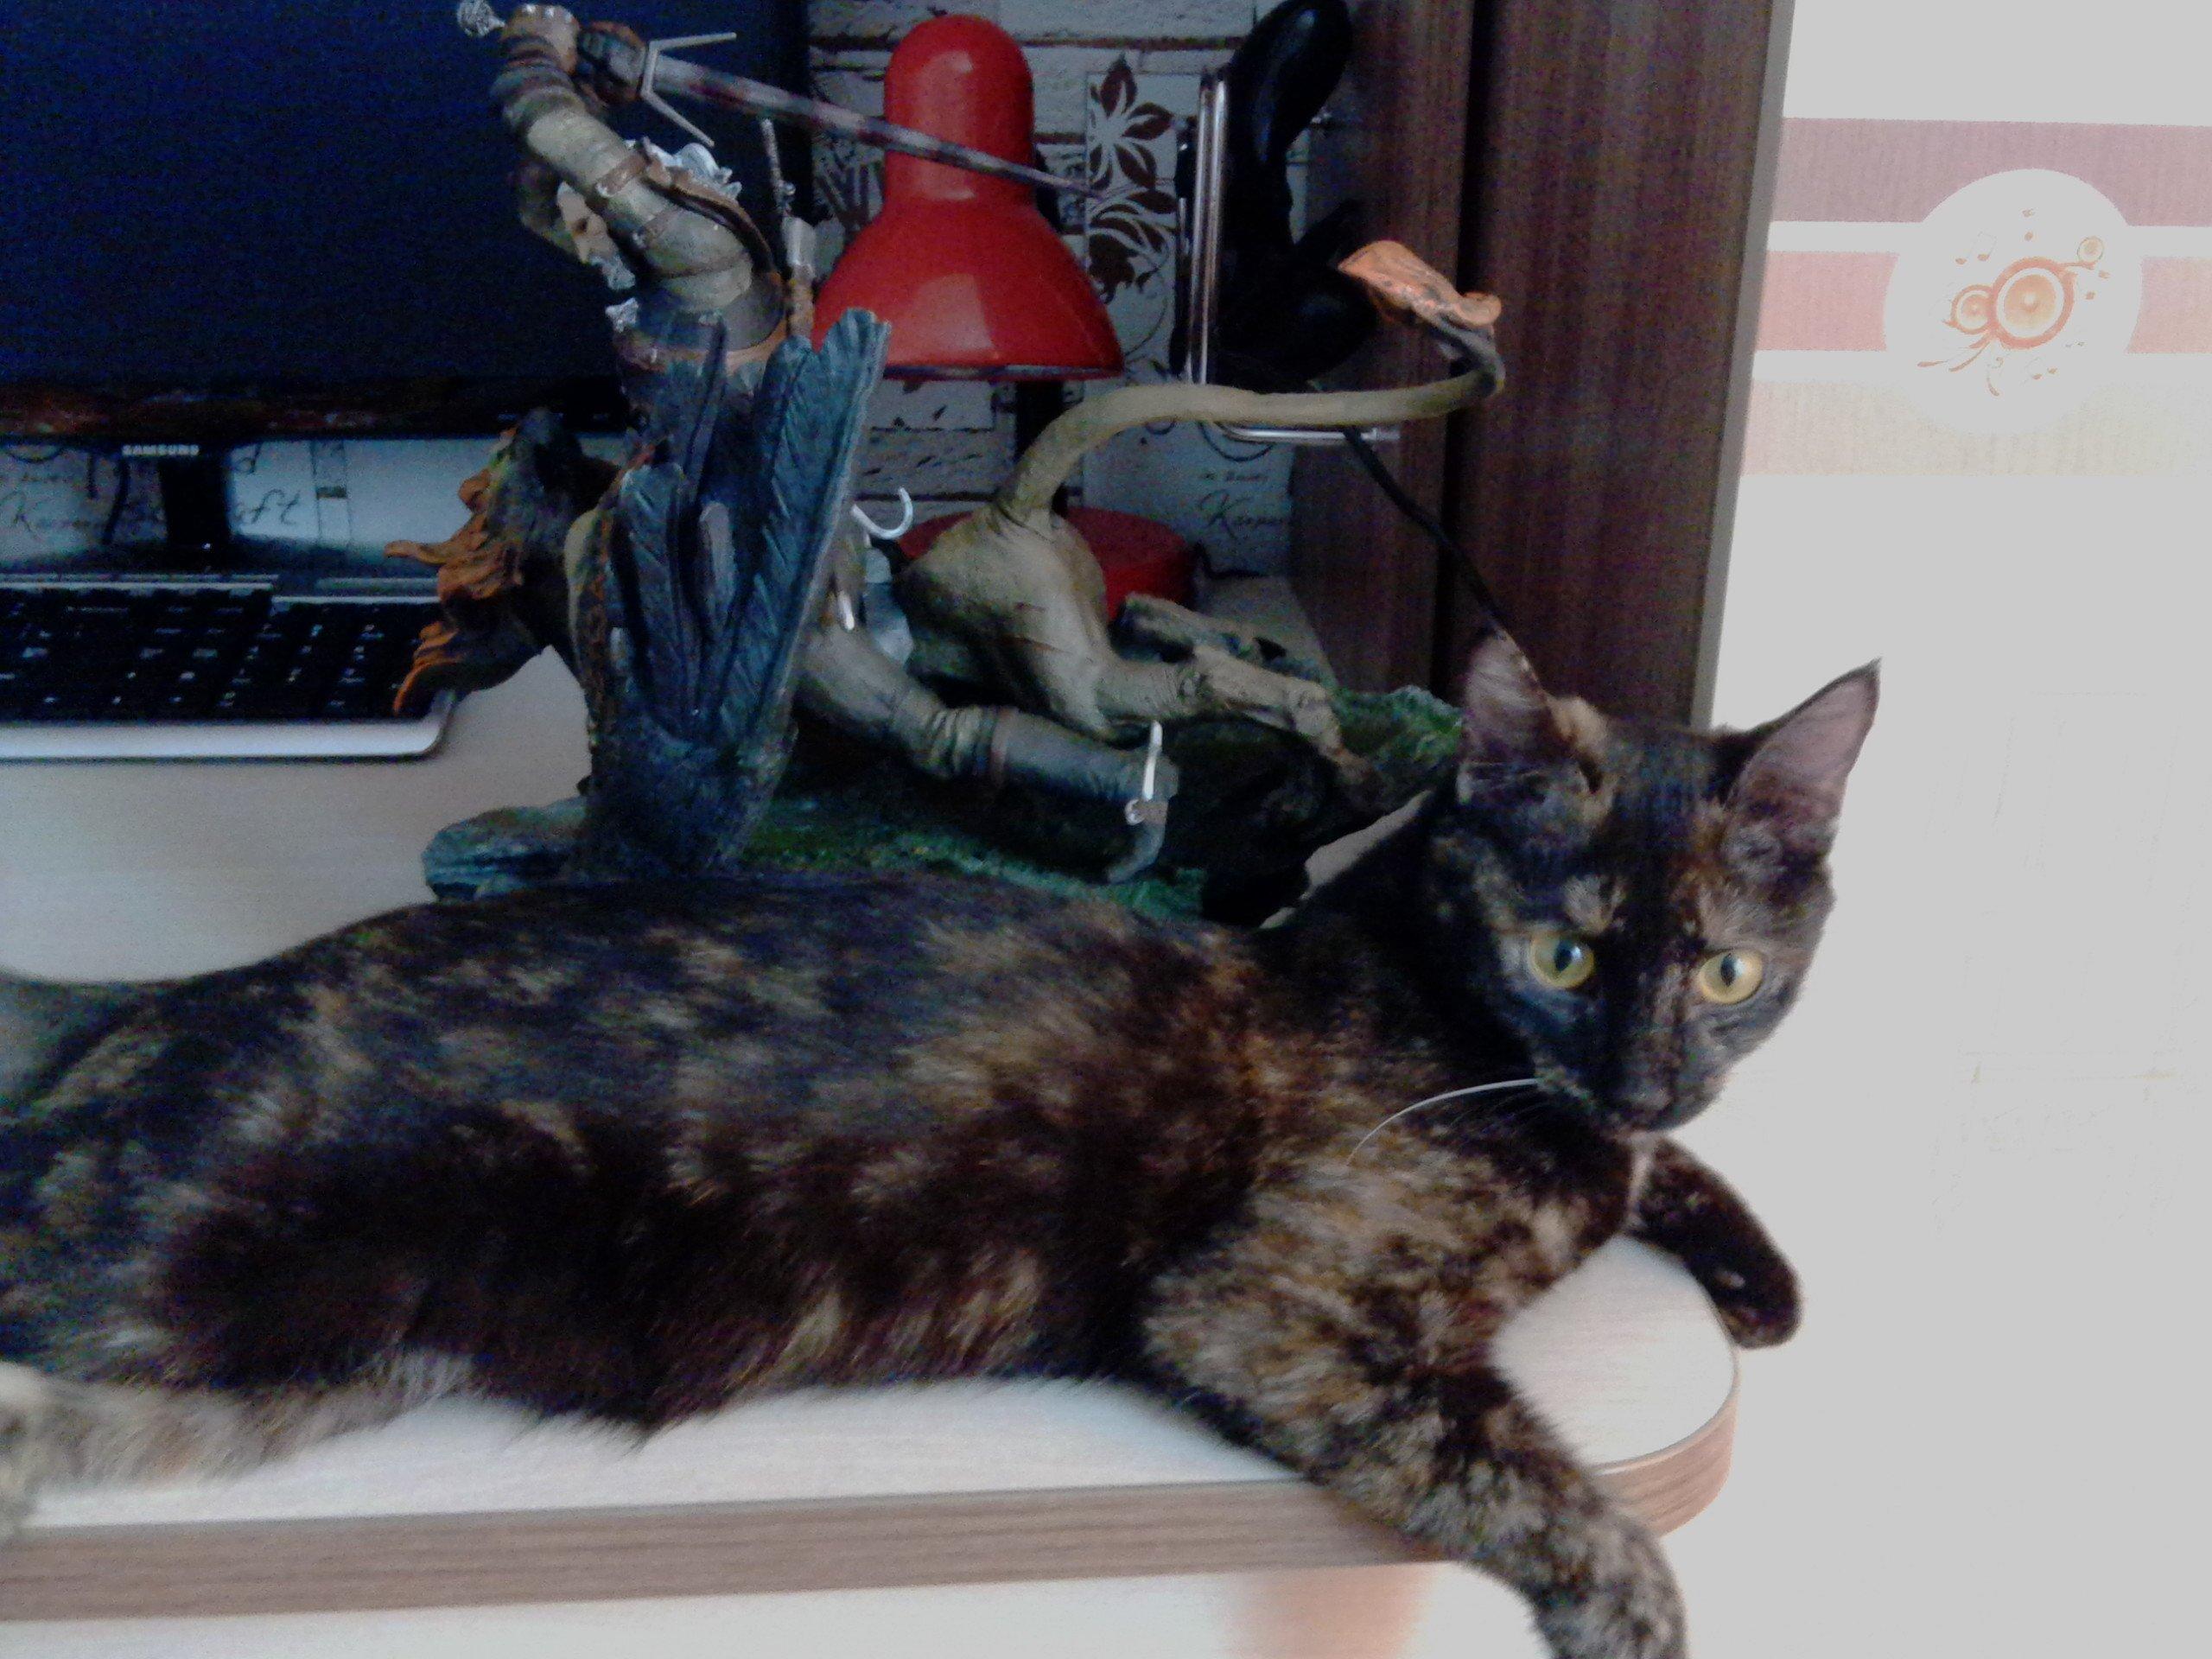 The Witcher 3: Wild Hunt. Распаковка коллекционного издания игры!     После долгого и томительного ожидания, сквозь  ... - Изображение 48